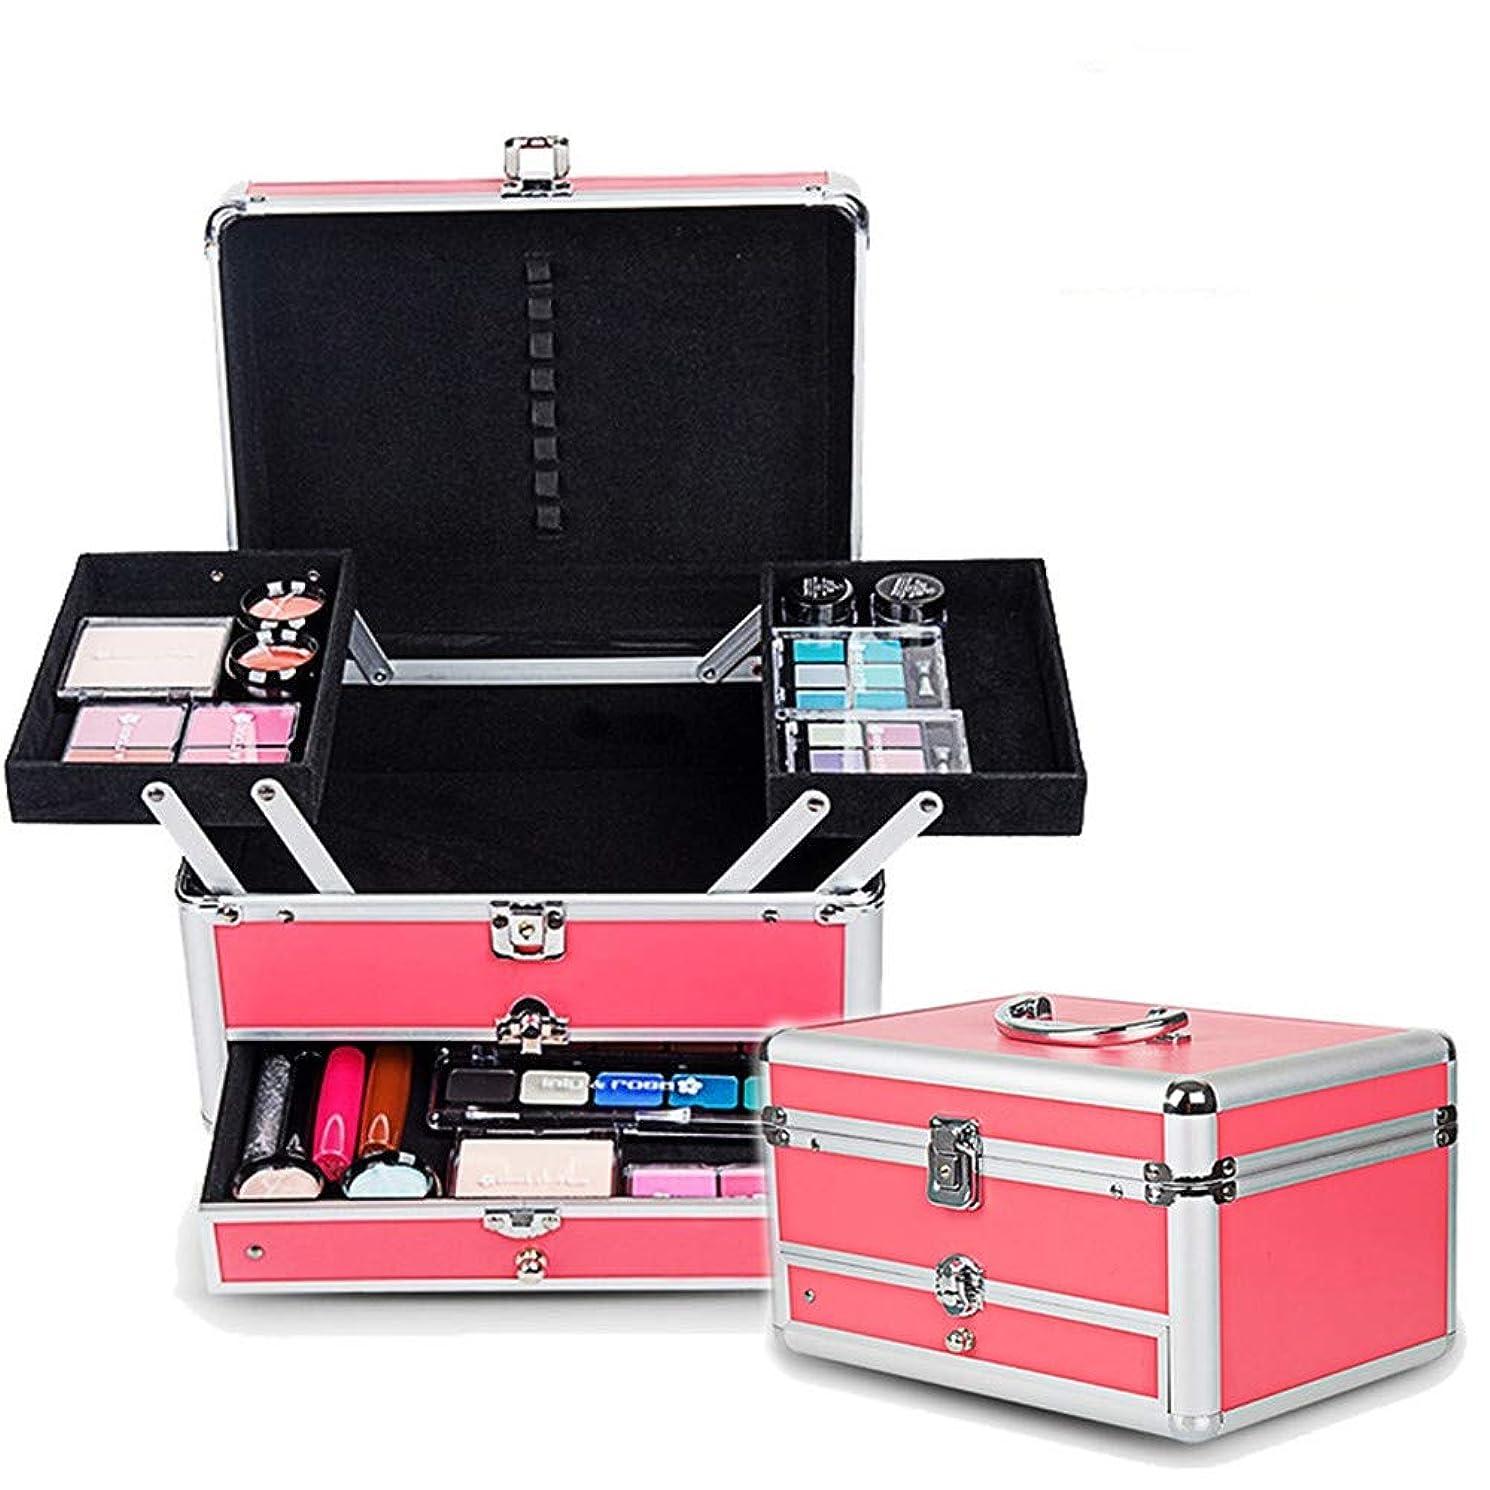 スクラブグローポータル特大スペース収納ビューティーボックス 女の子の女性旅行のための新しく、実用的な携帯用化粧箱およびロックおよび皿が付いている毎日の貯蔵 化粧品化粧台 (色 : ピンク)